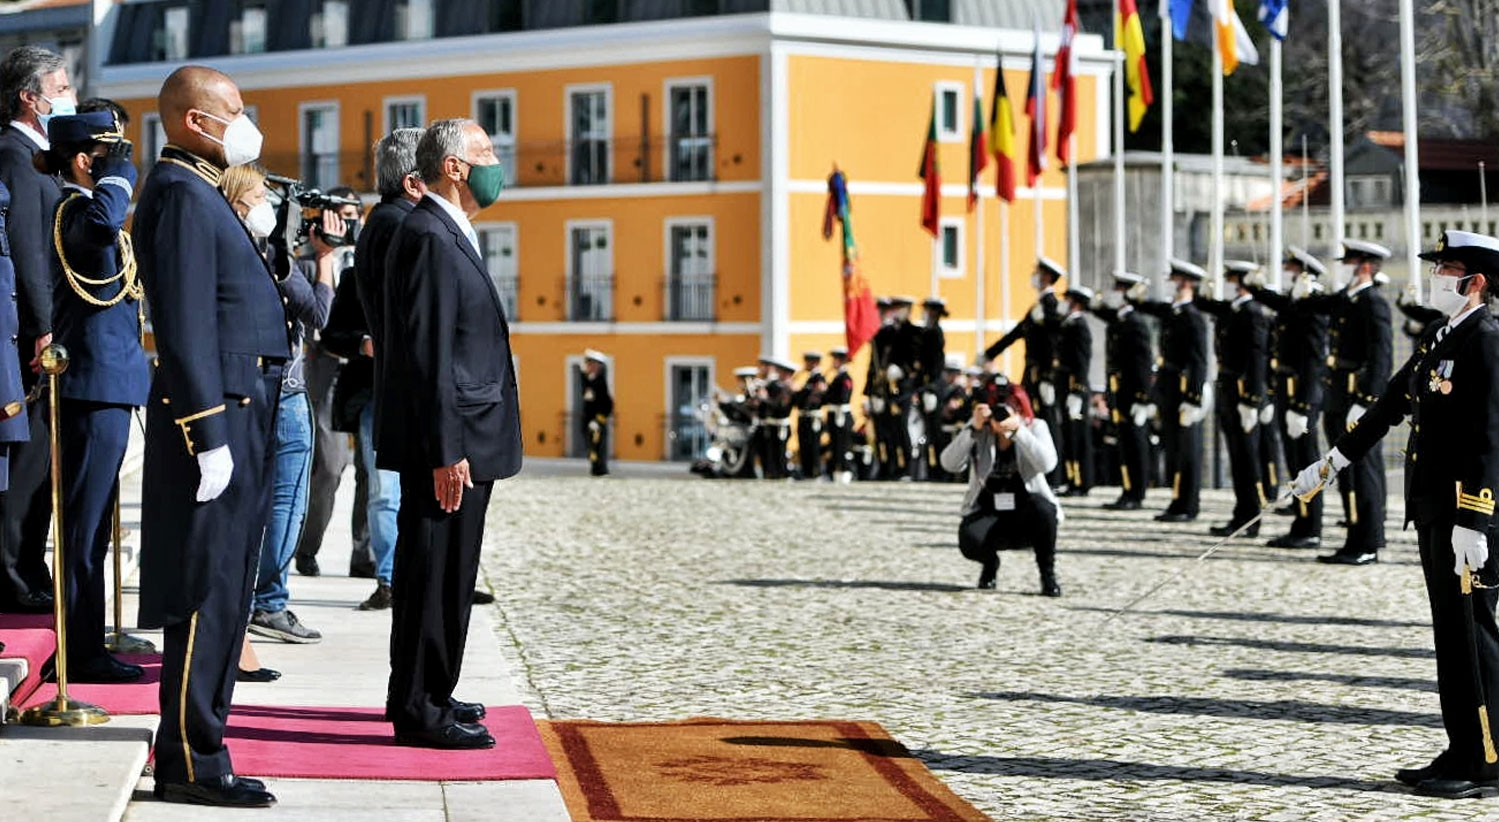 Começa segundo mandato. Marcelo toma posse como Presidente da República